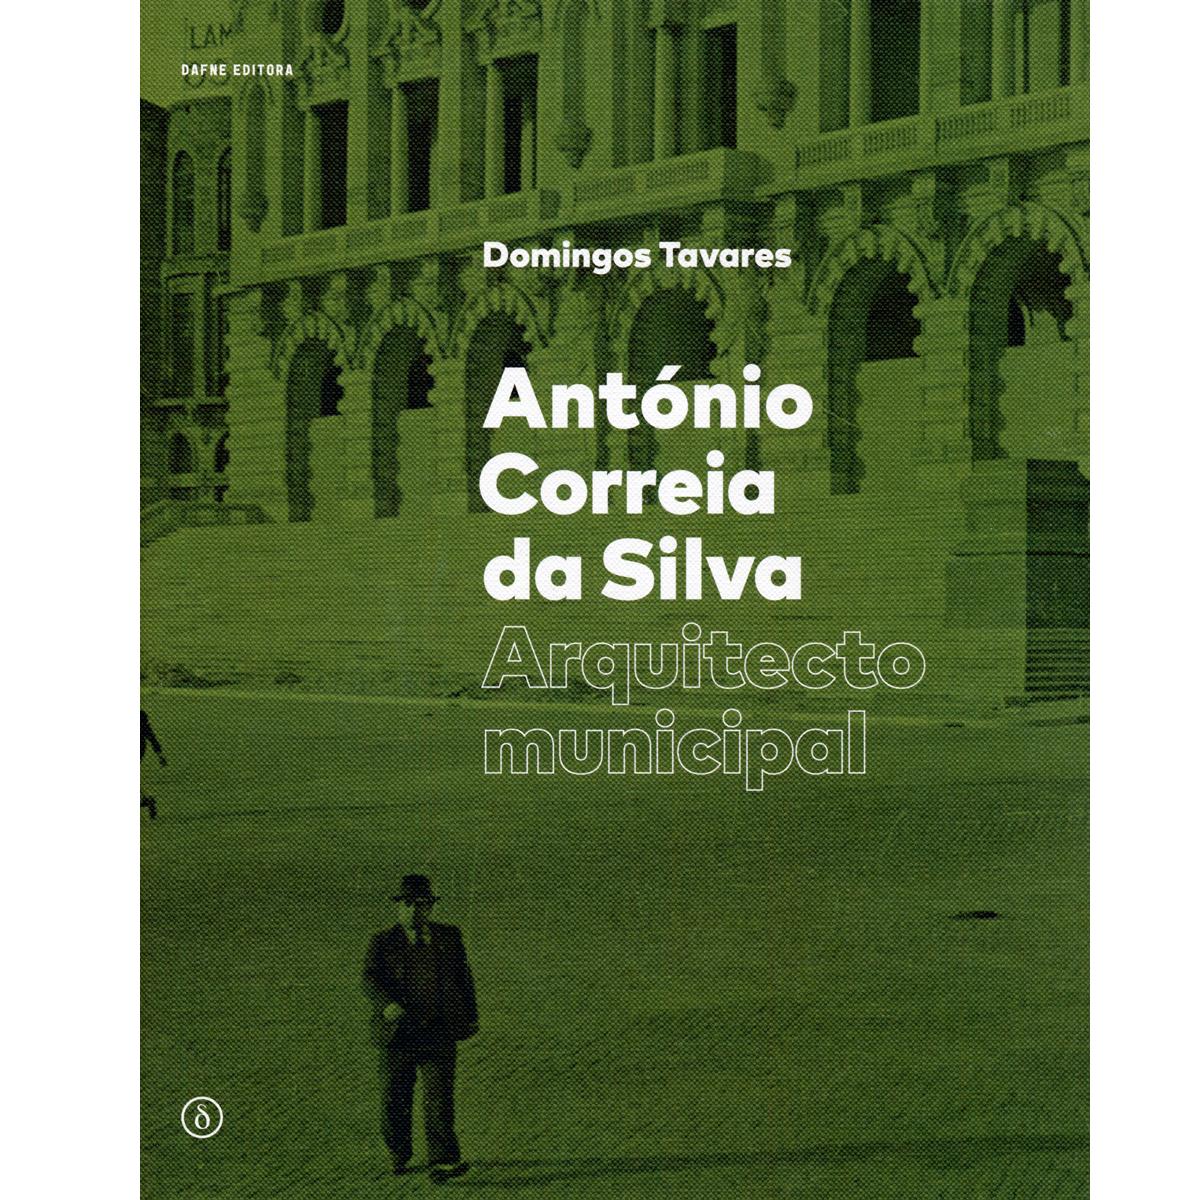 António Correia da Silva